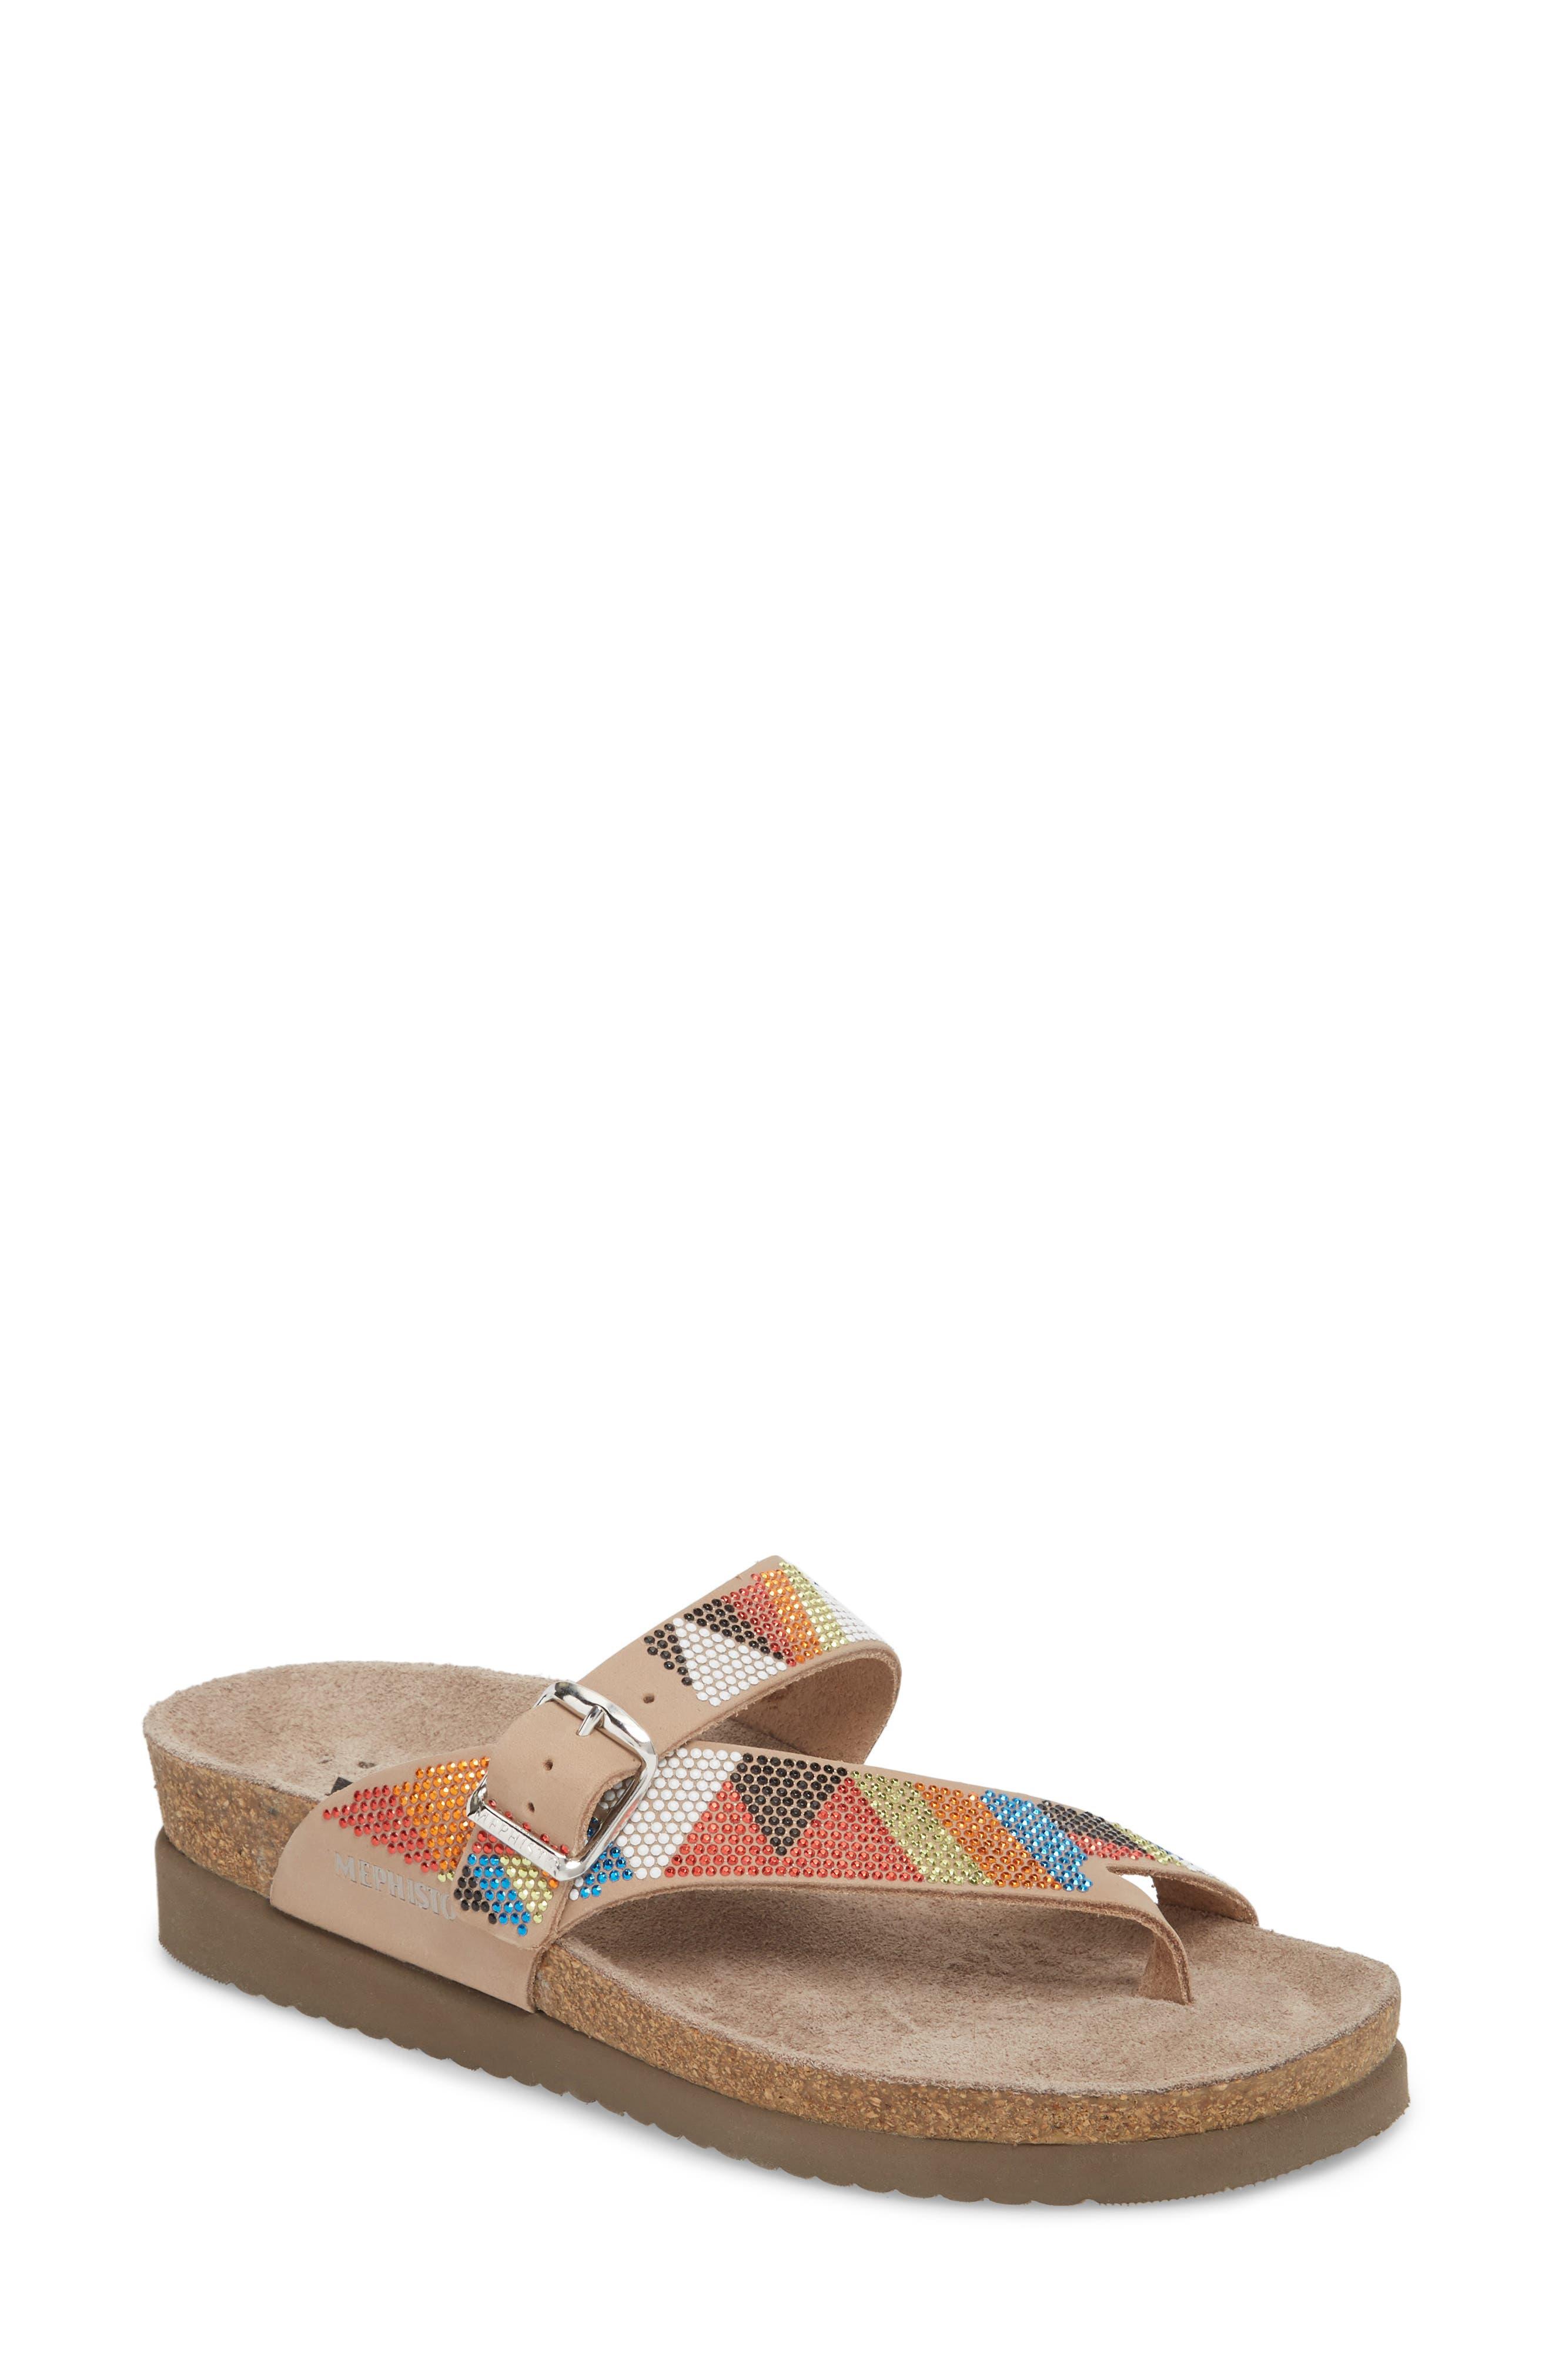 Helen Slide Sandal,                         Main,                         color,